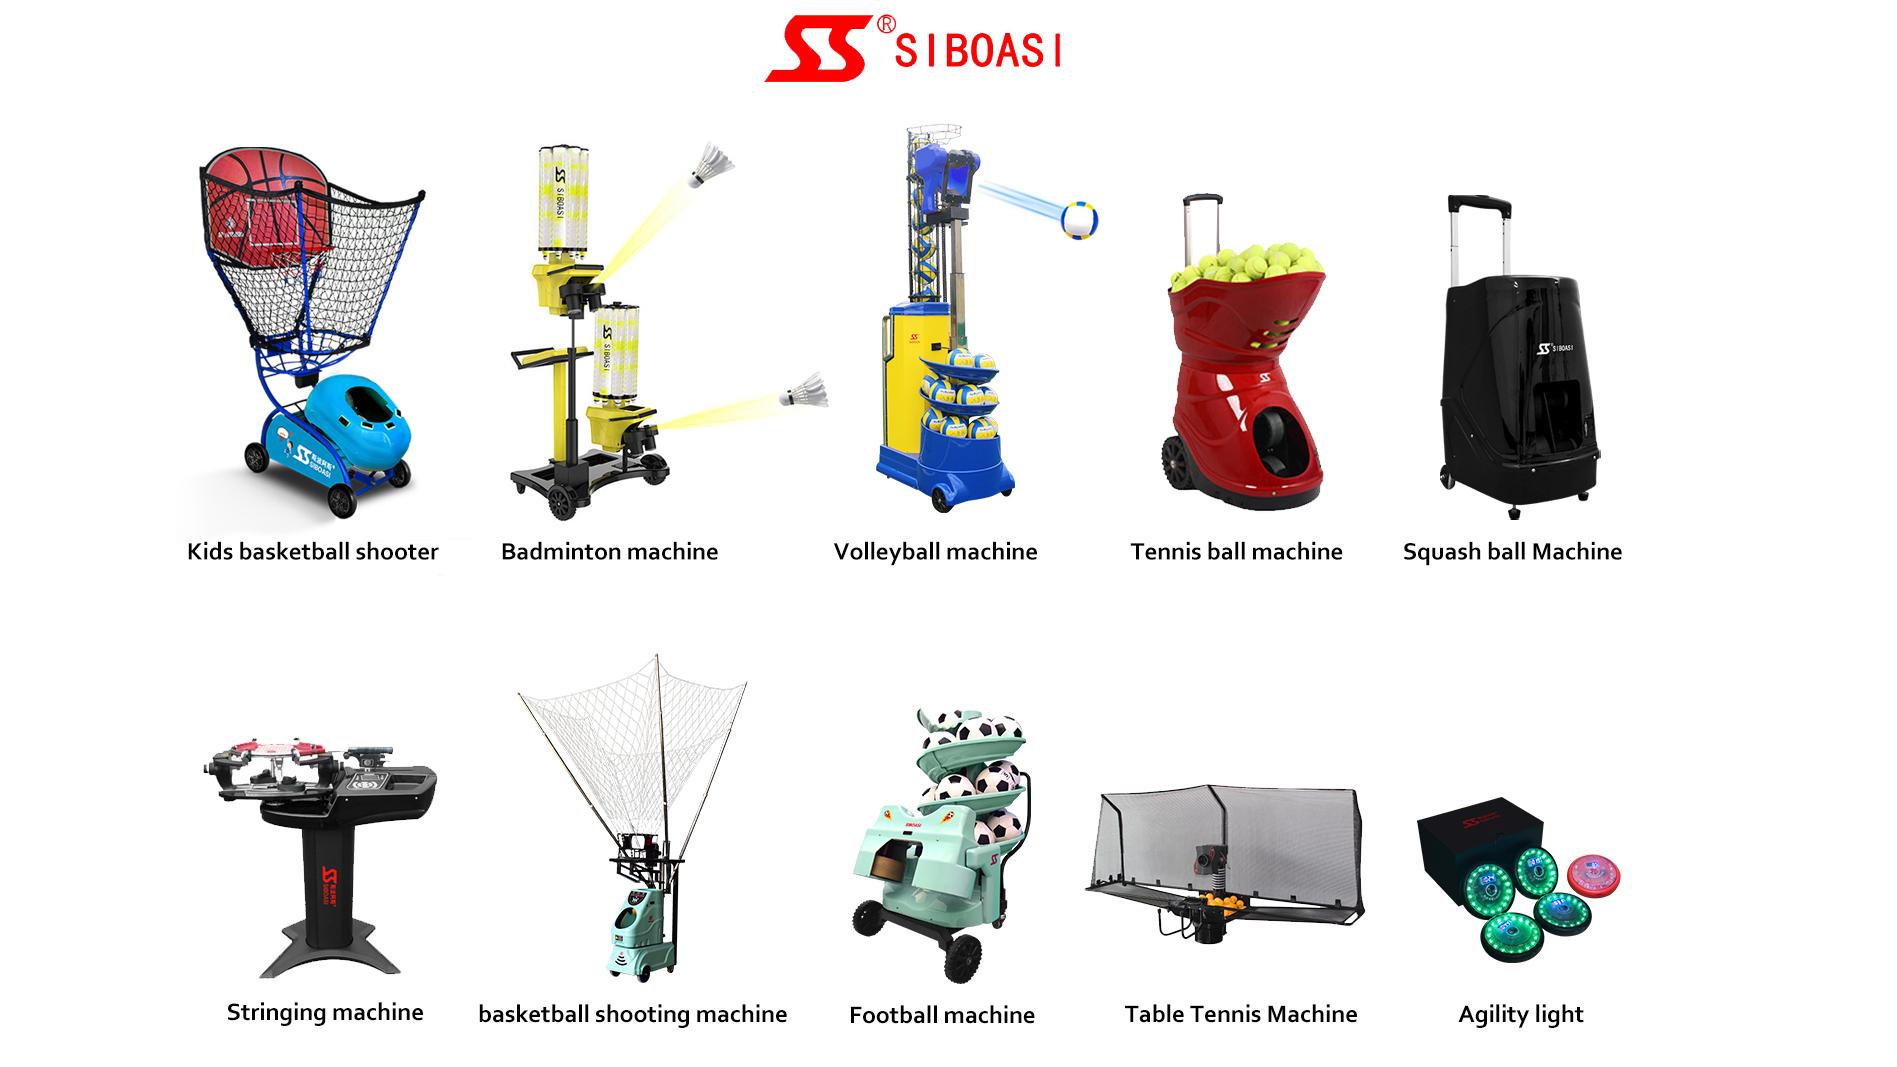 SIBOASI machines